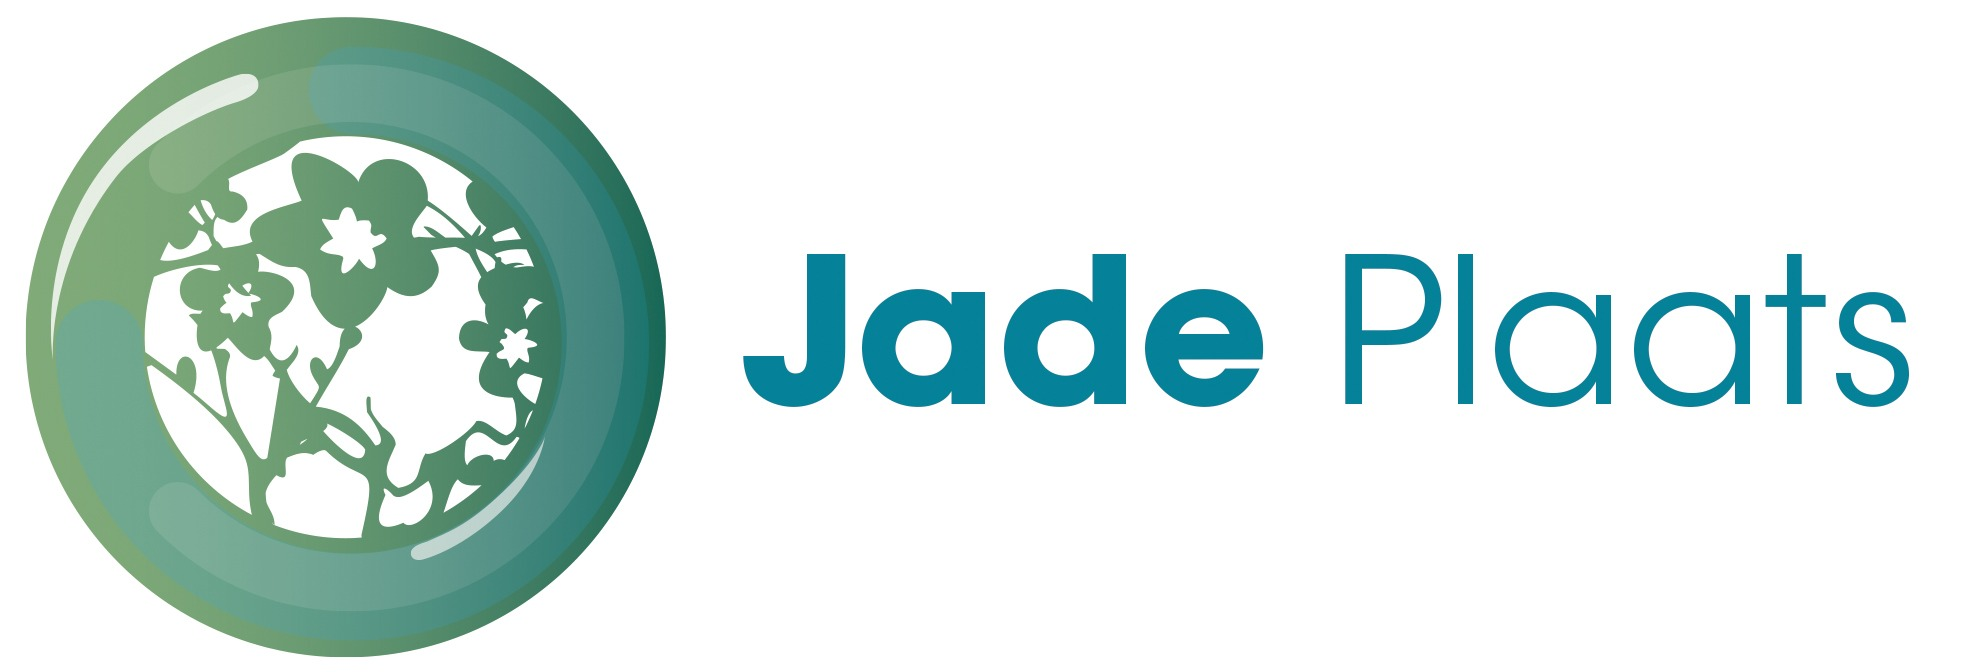 Logo_JadePlaats_tekst rechts